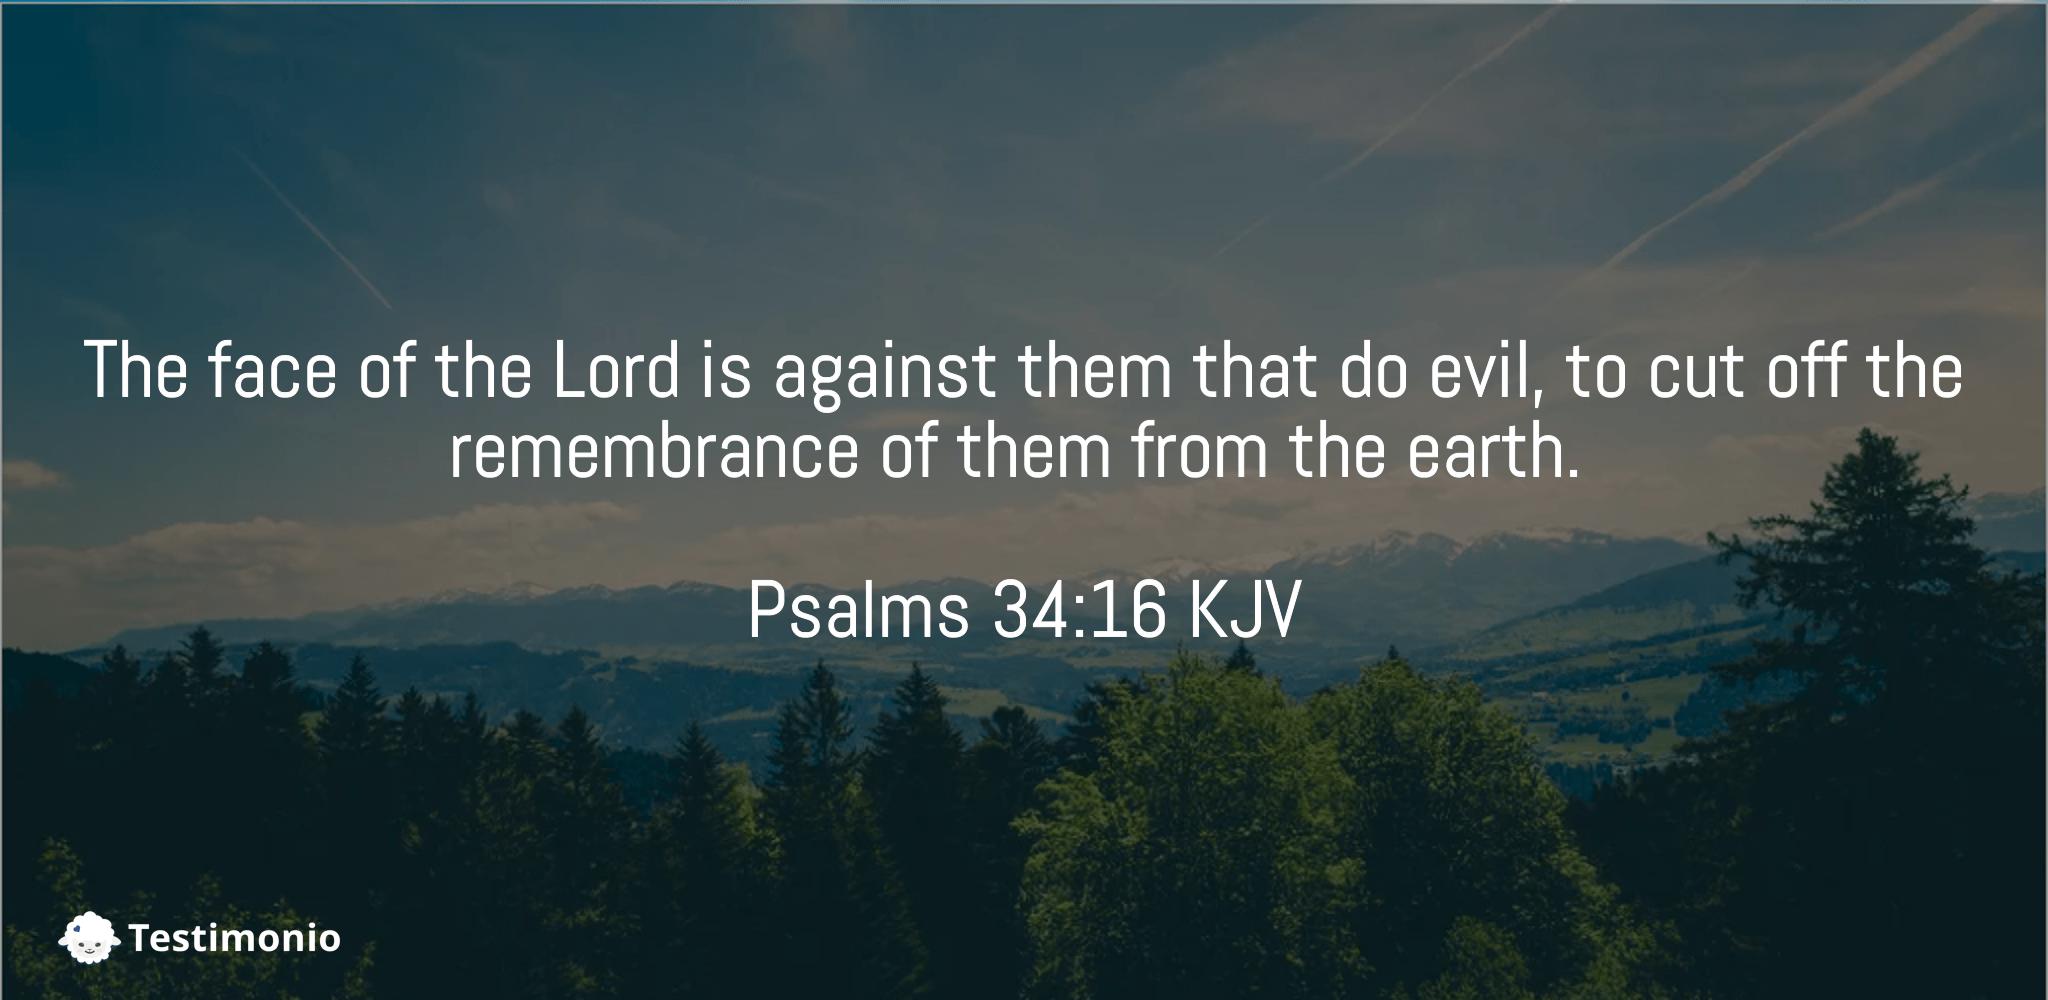 Psalms 34:16